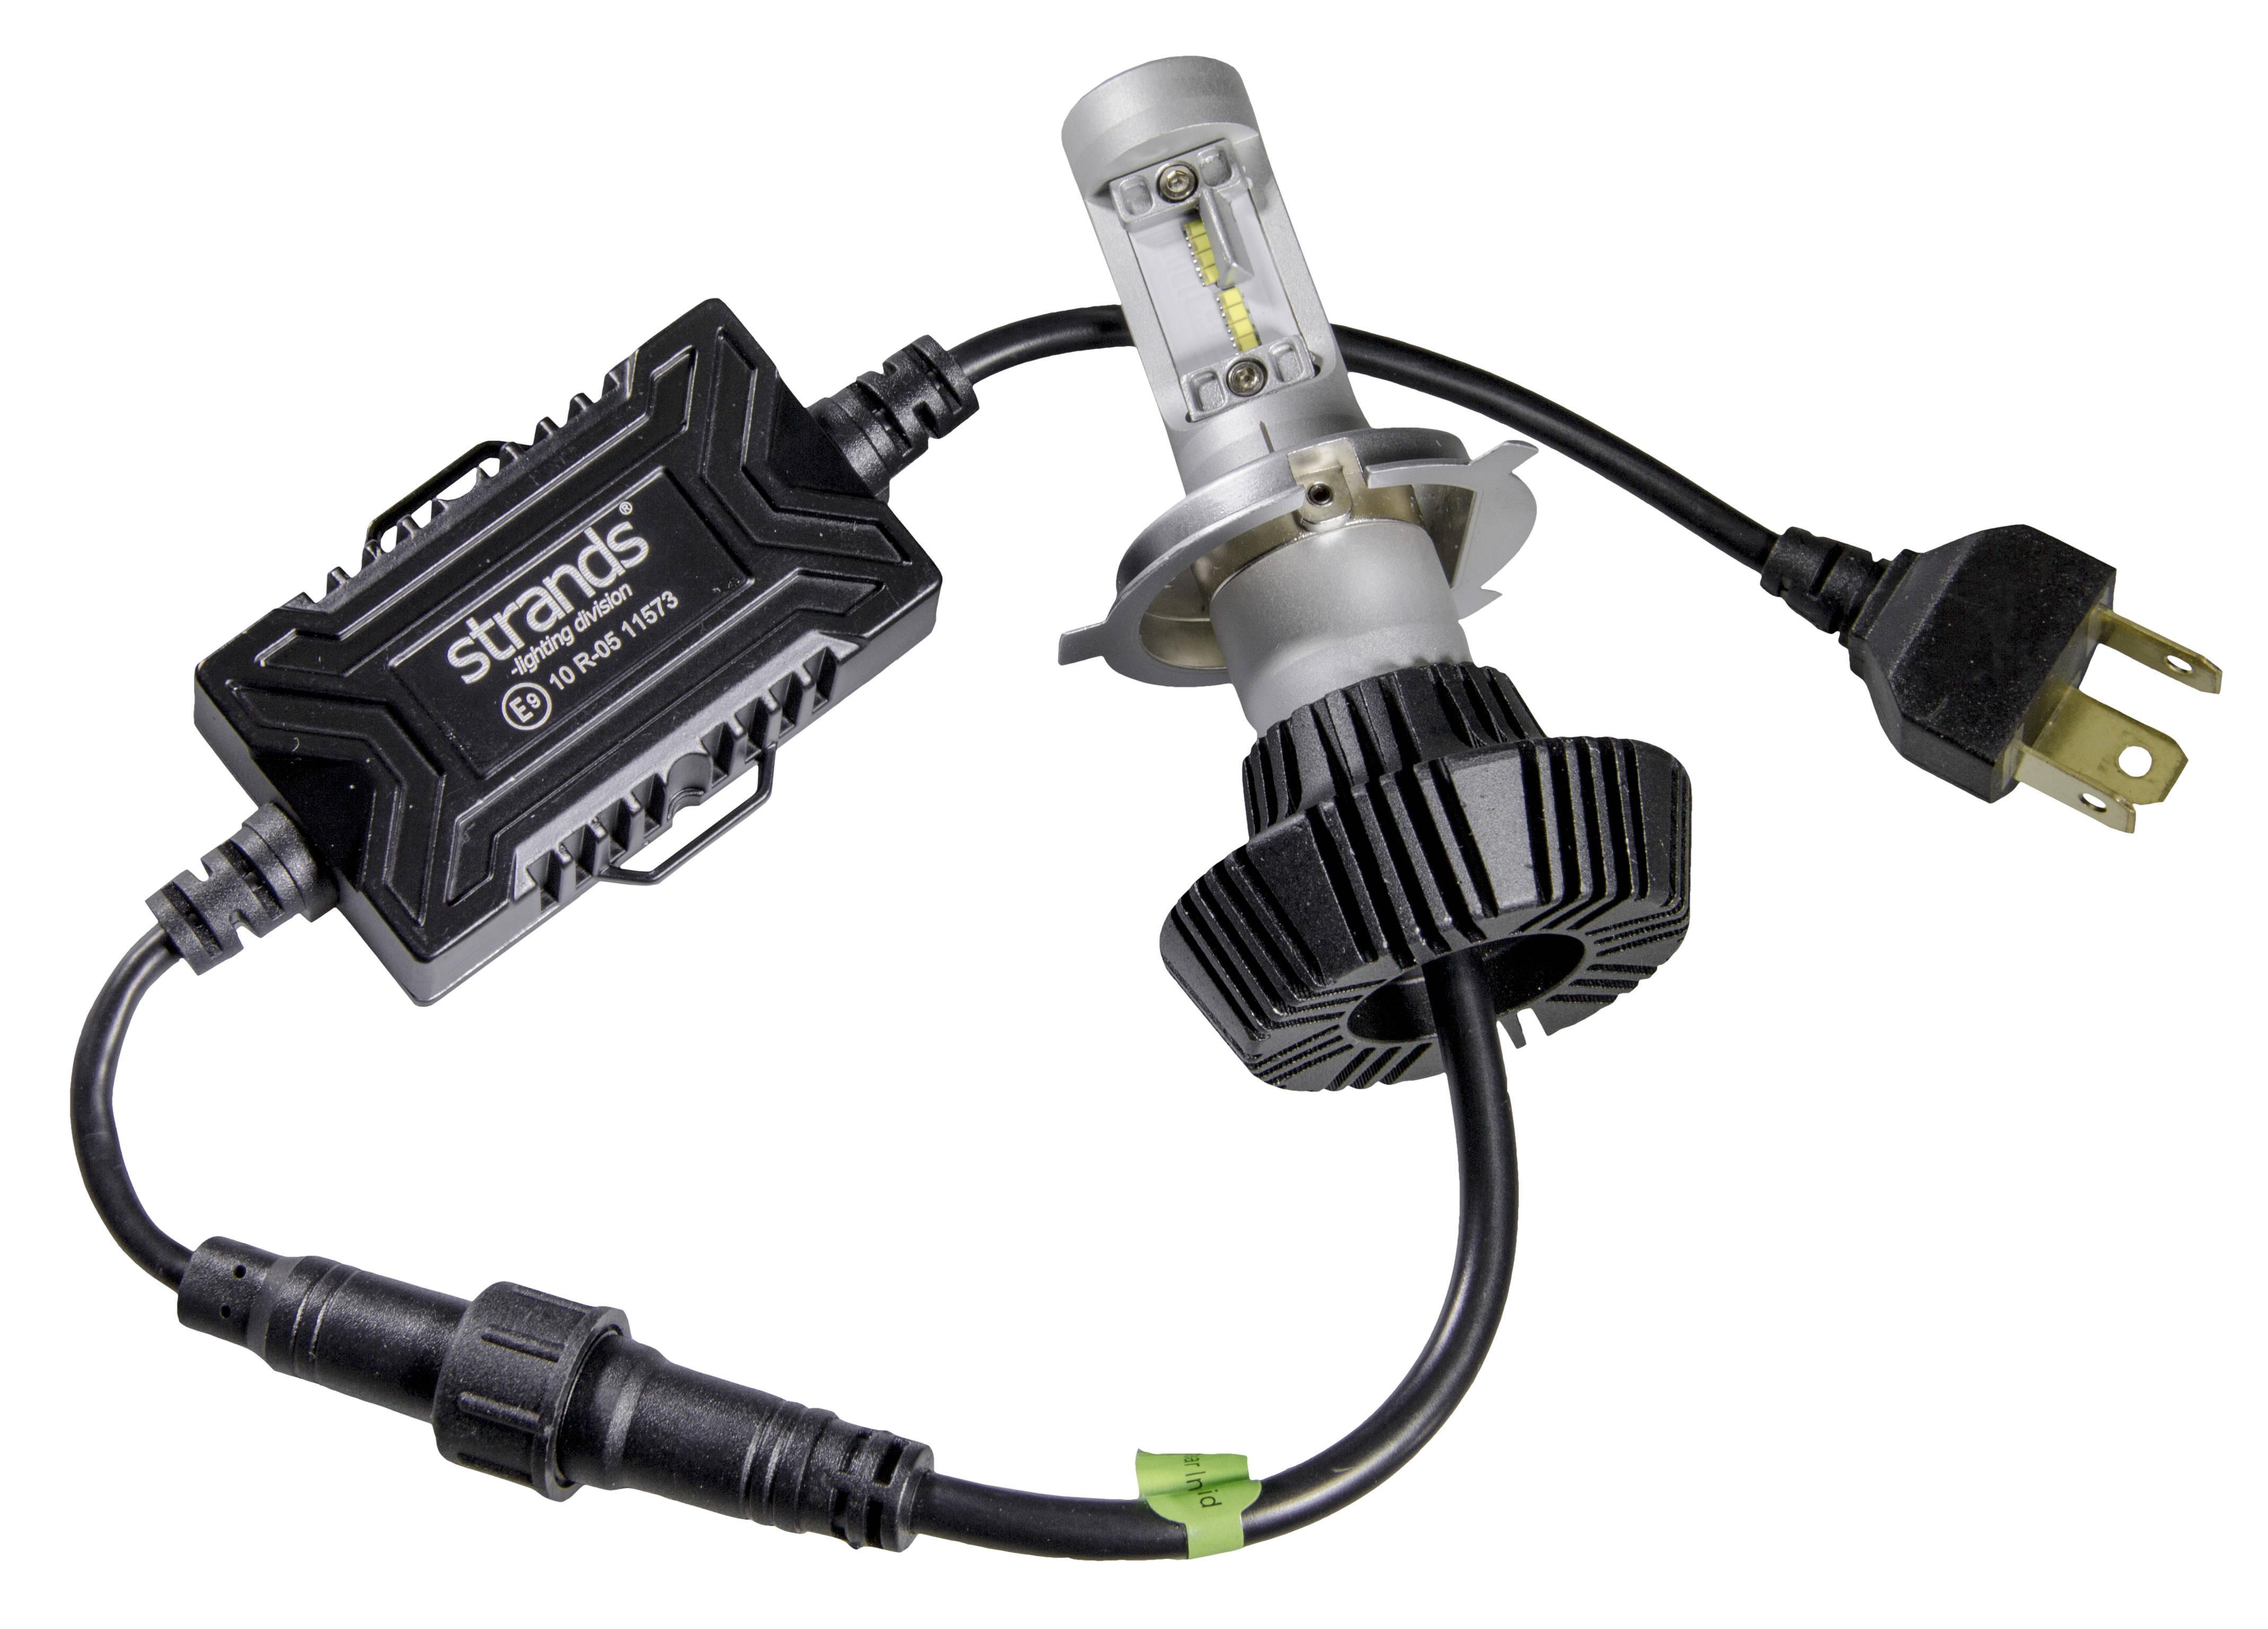 280804 STRANDS H4 12-24VLED Glödlampa, fjärrstrålkastare 280804 köp lågt pris